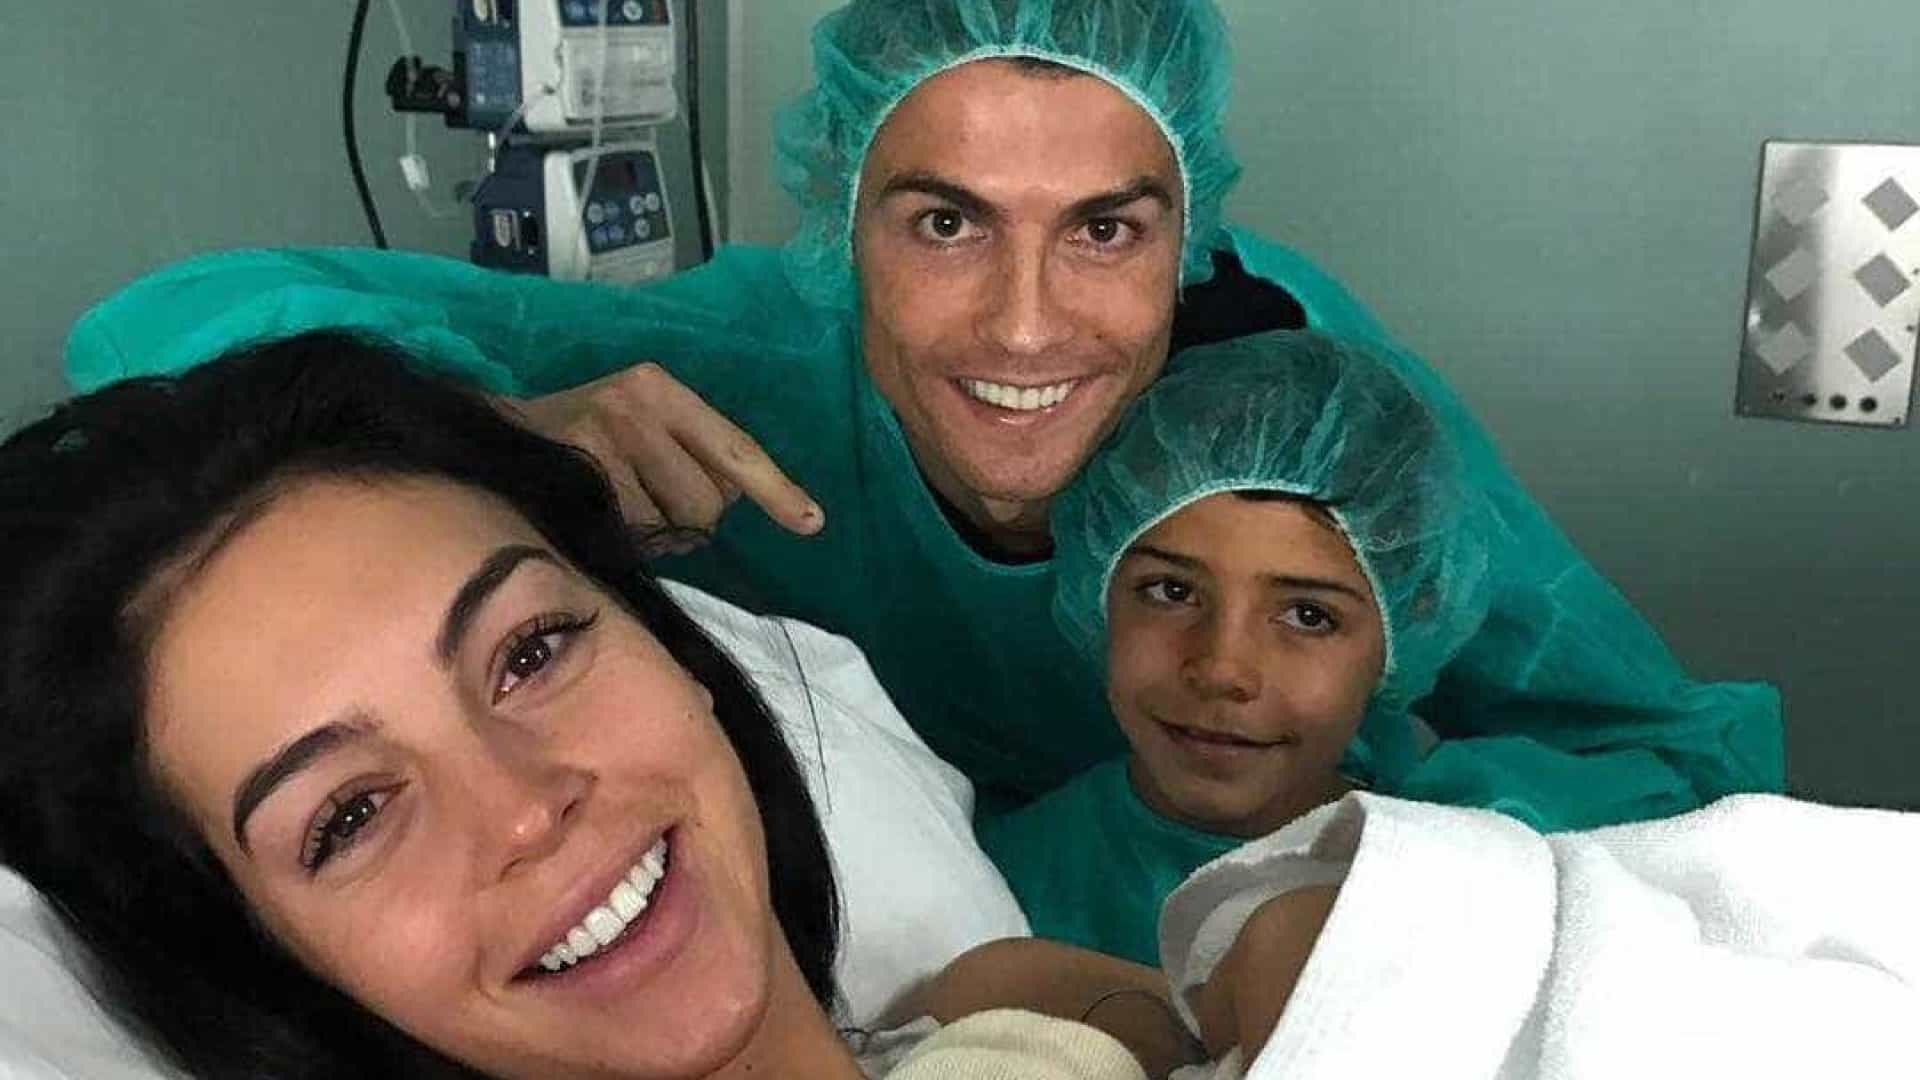 Curiosidades sobre a unidade hospitalar onde nasceu a filha de Ronaldo